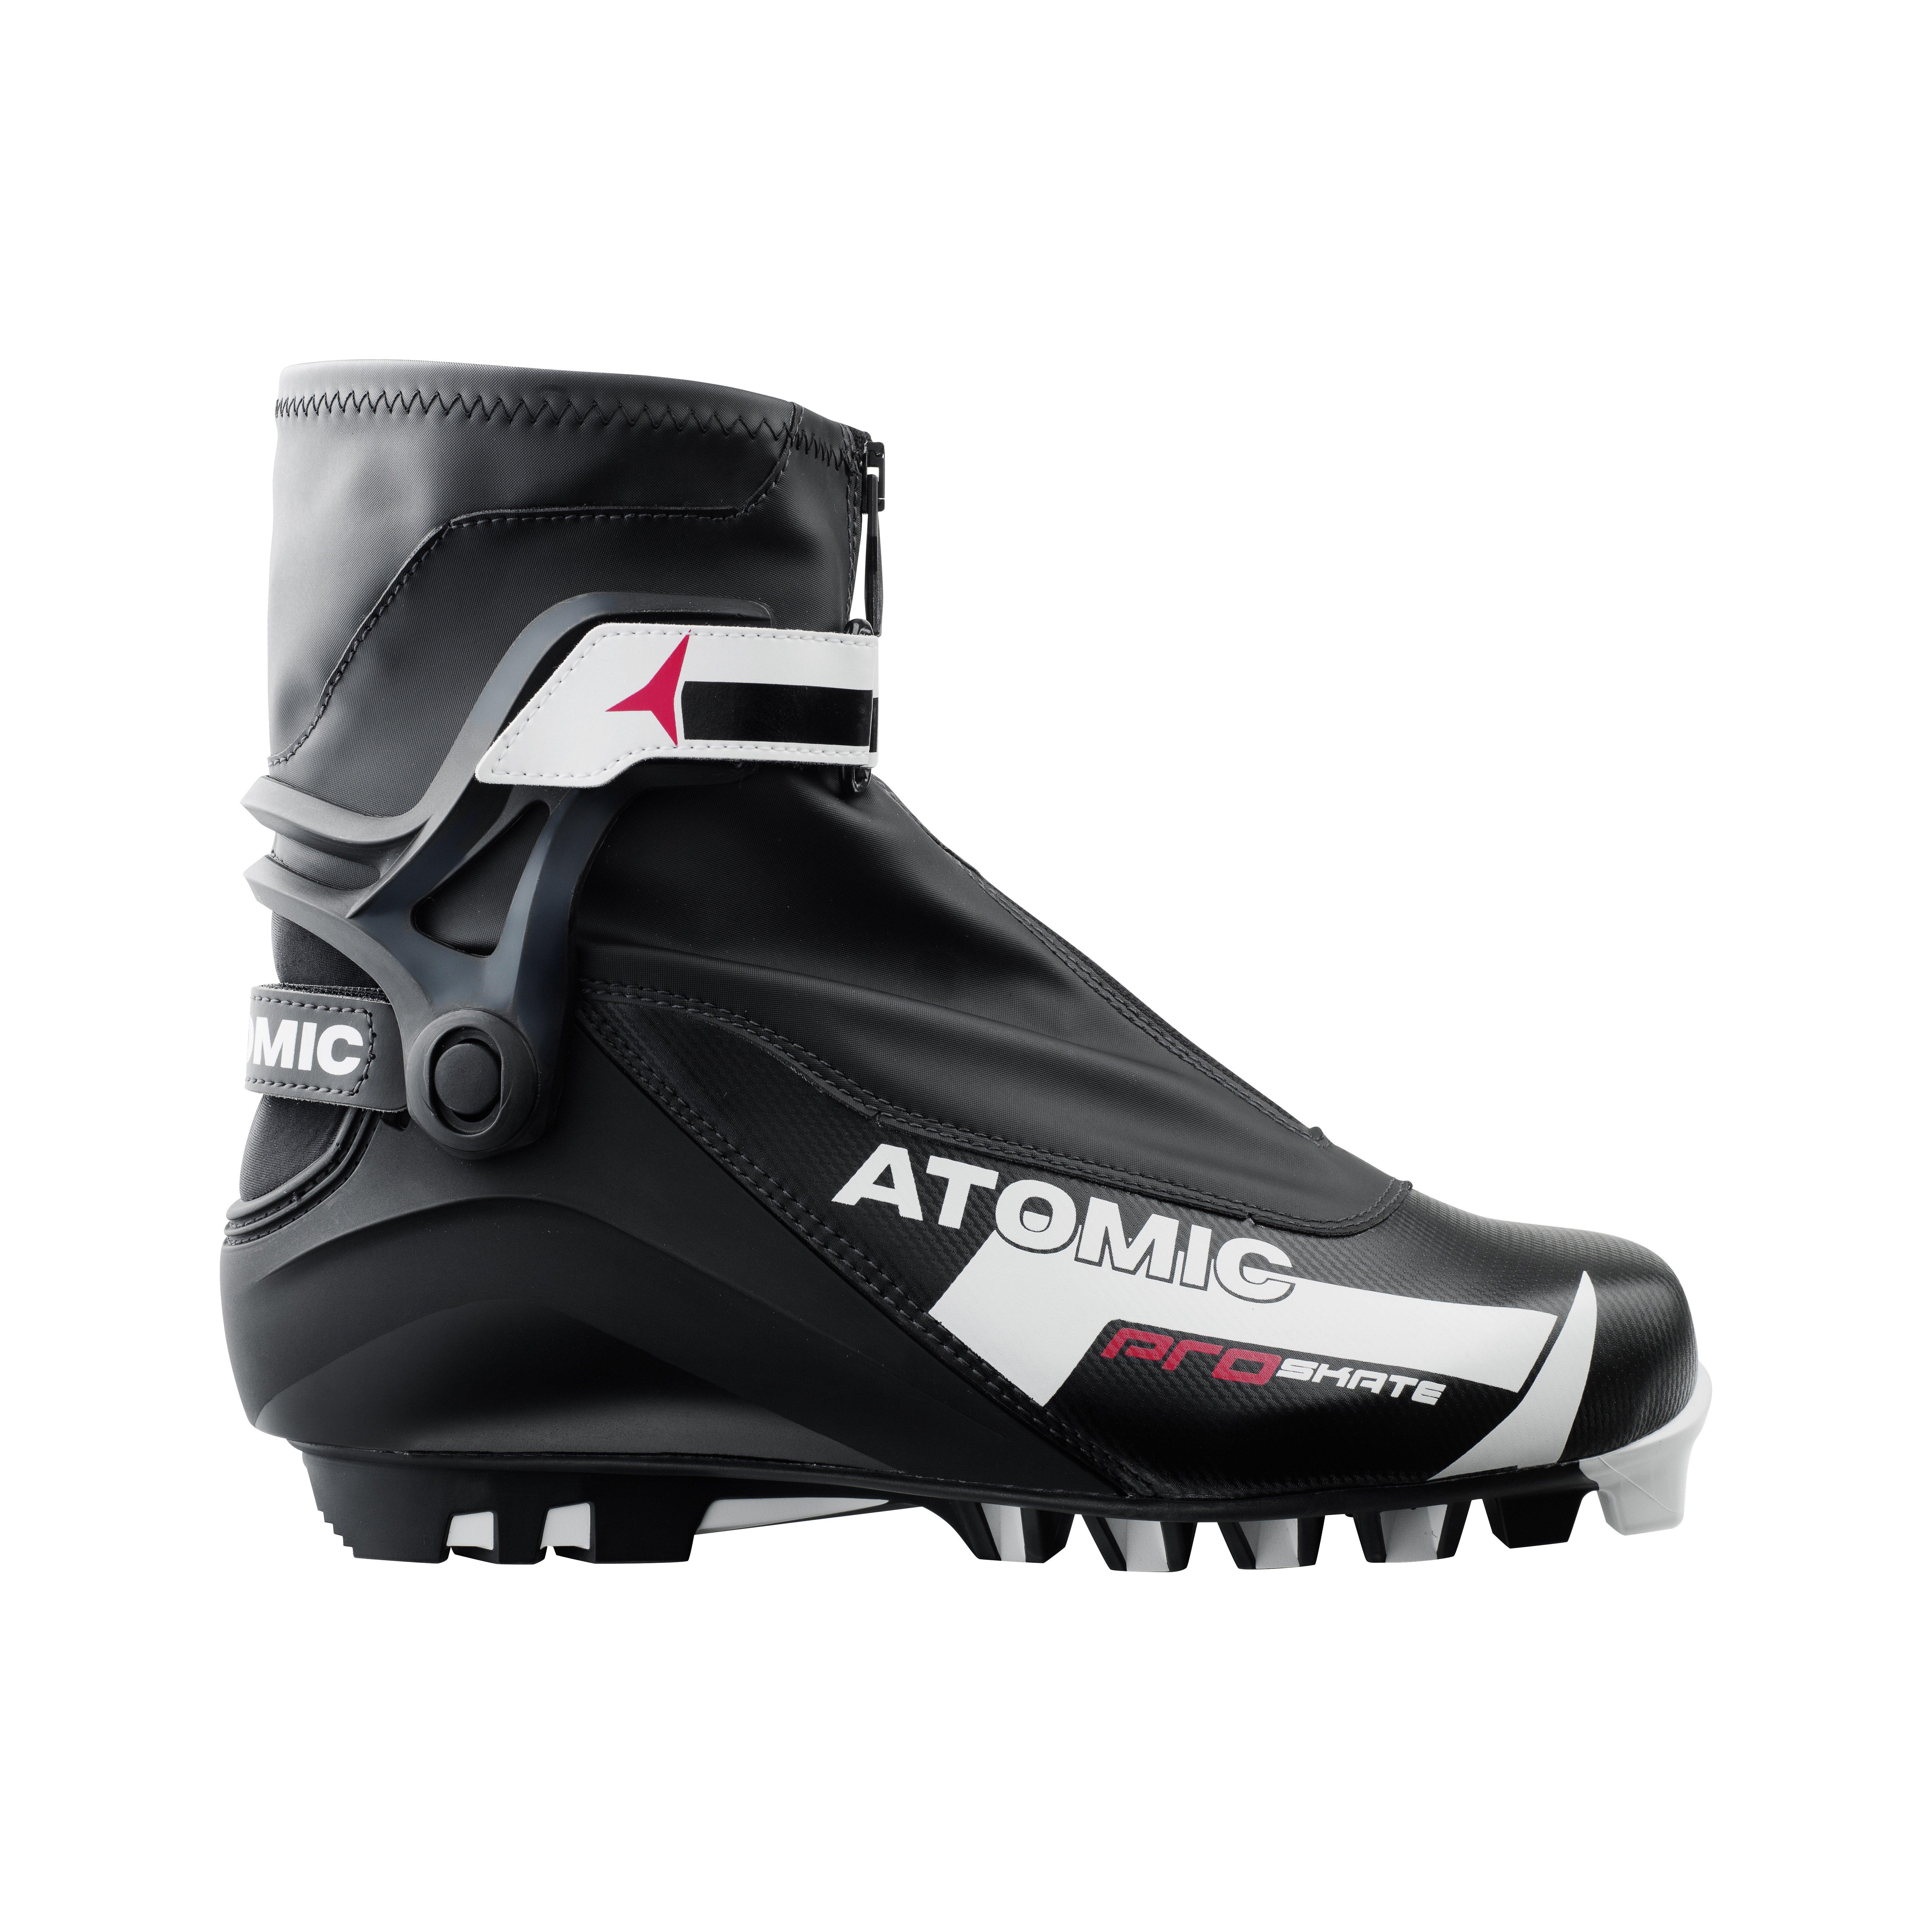 Atomic Pro Skate 16/17